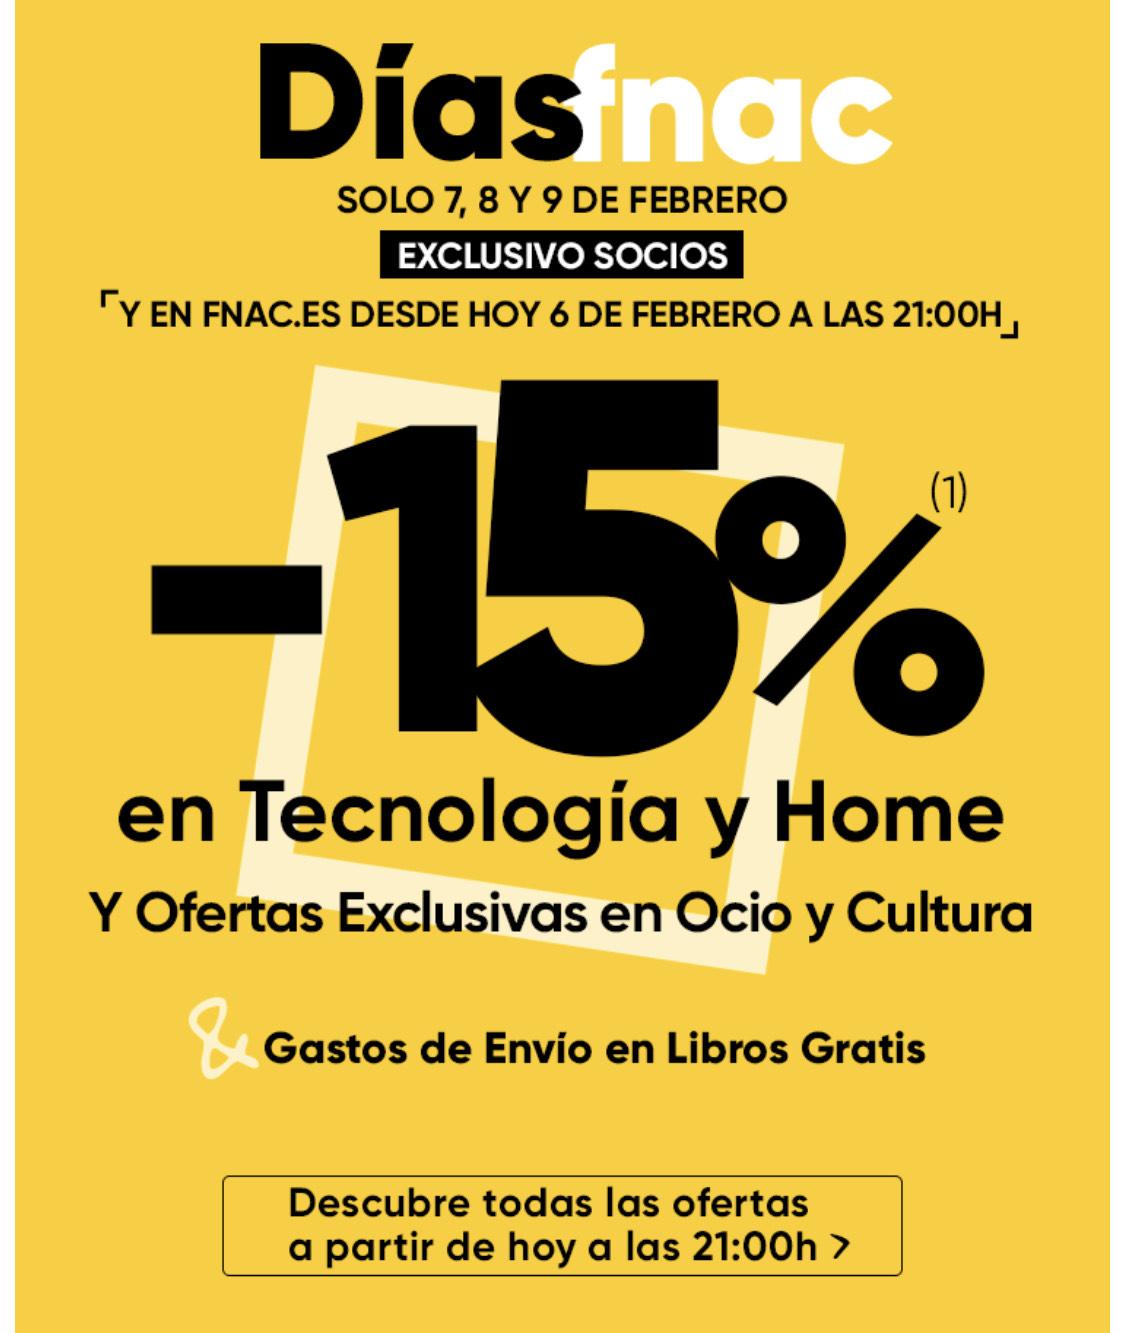 DÍAS FNAC -15%